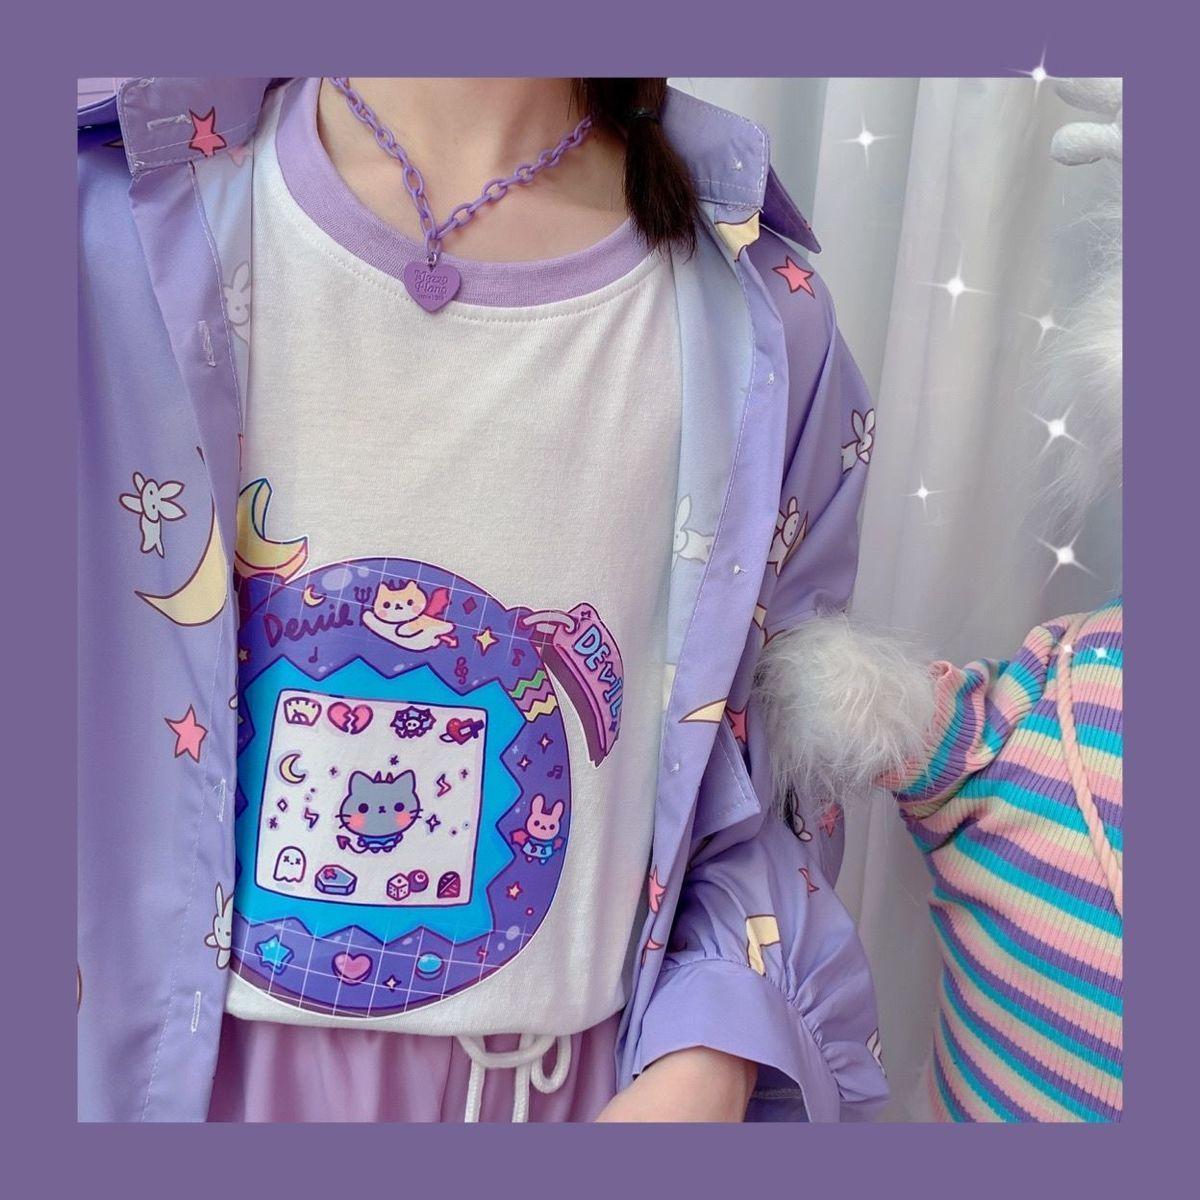 Harajuku Soft Girl Oversized T-shirt 49